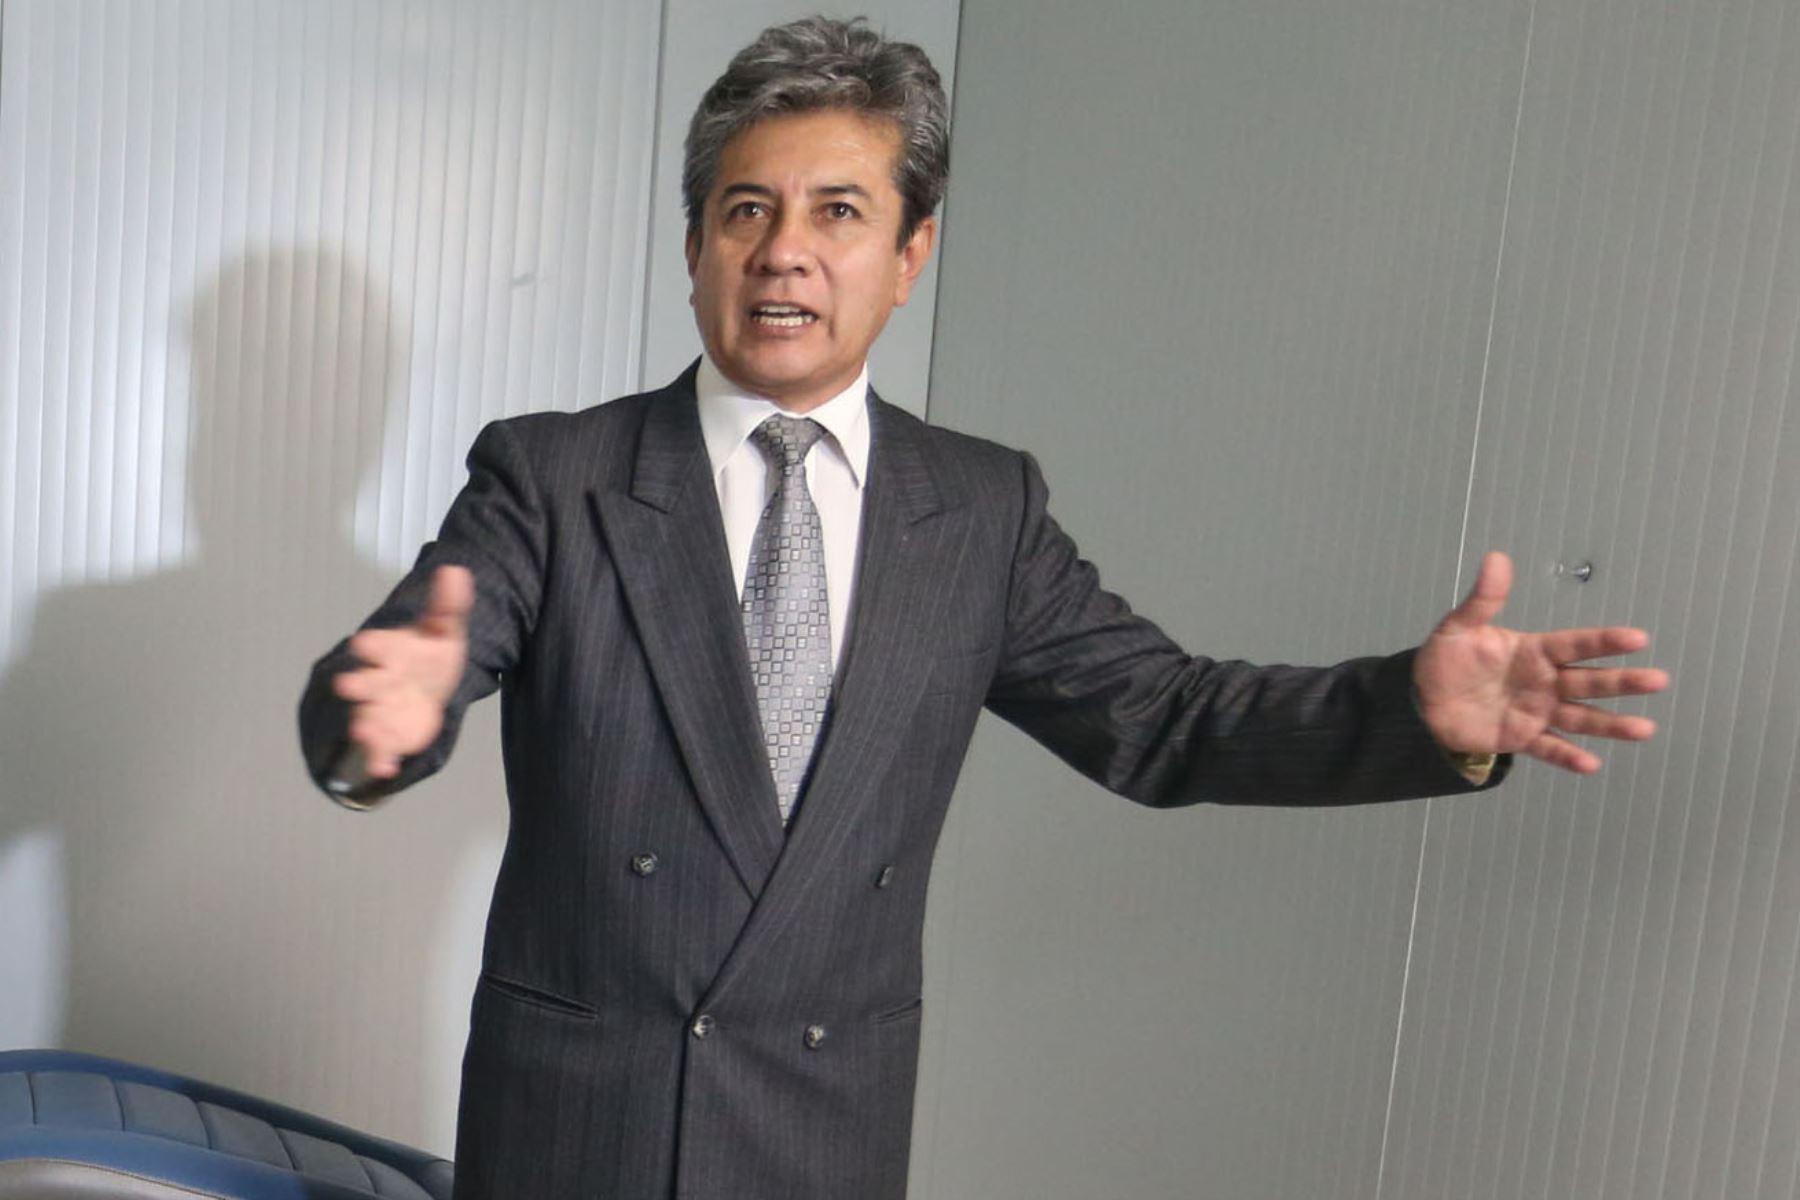 El viceministro de Salud, Percy Minaya León, precisó que el padrón se elaborará con diferentes bases de datos como las de la Seguridad Social, Ministerio de Desarrollo e Inclusión Social (Midis) y Ministerio de la Mujer, pero también de la ONPE y el Reniec. Foto: ANDINA/MInsa